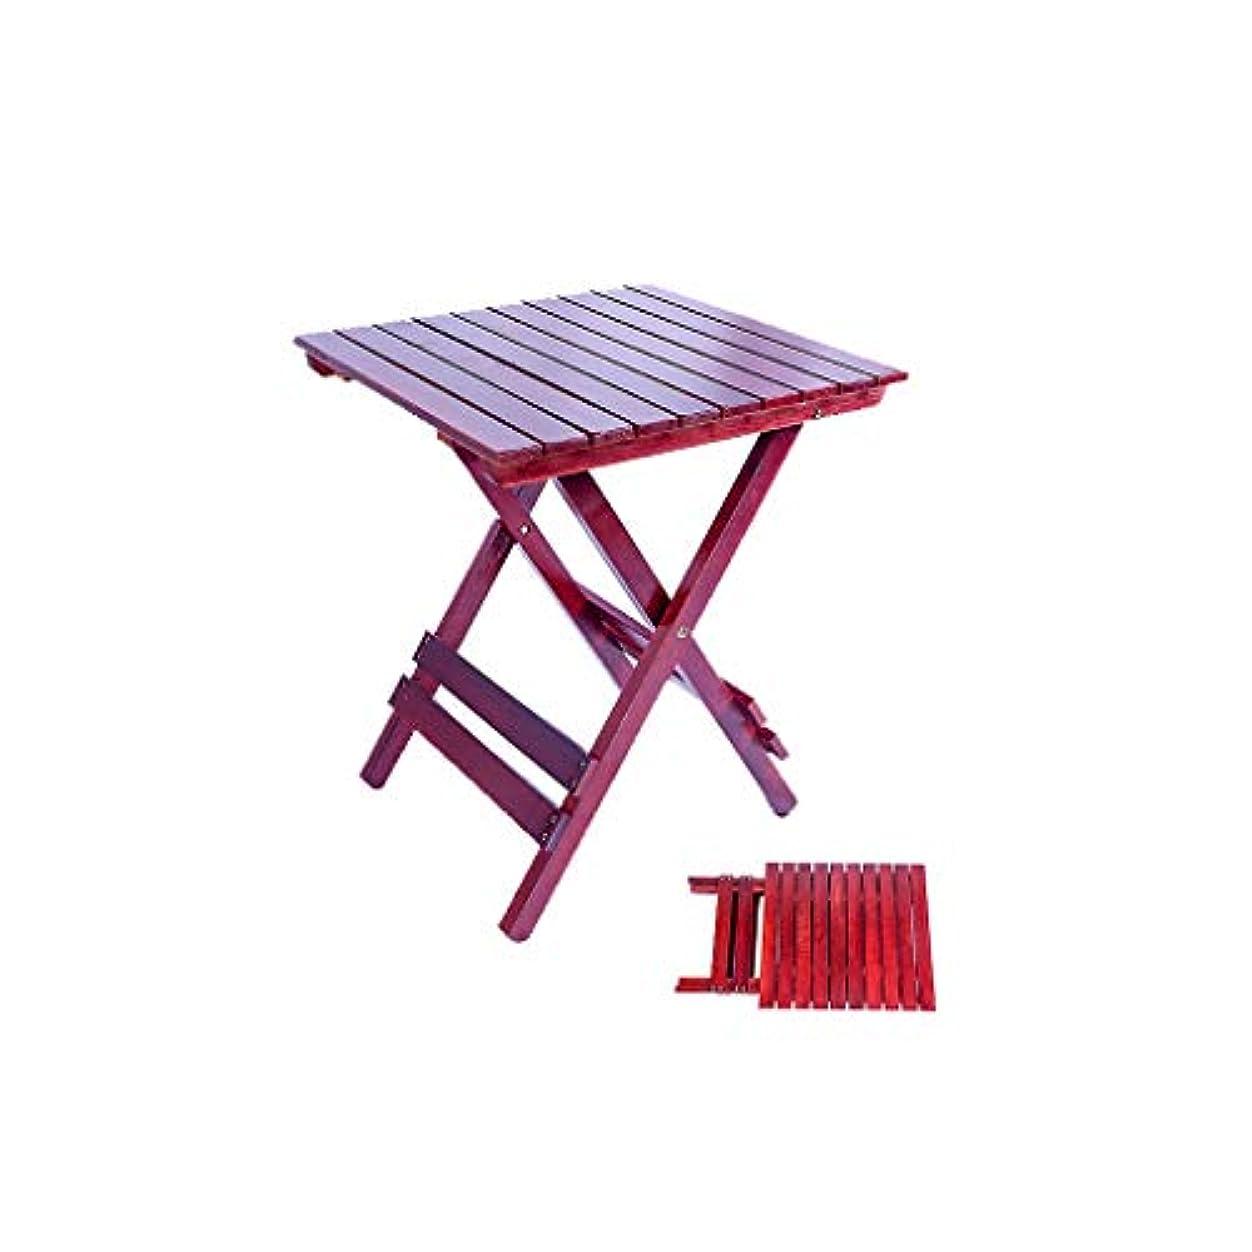 指標フォーク古風なPingFanMi 便利で実用的な小さな正方形のテーブル、ホームデスク、ダイニングテーブル、純木、環境衛生(53 * 45.6 * 42 cm) (色 : 赤ワイン)